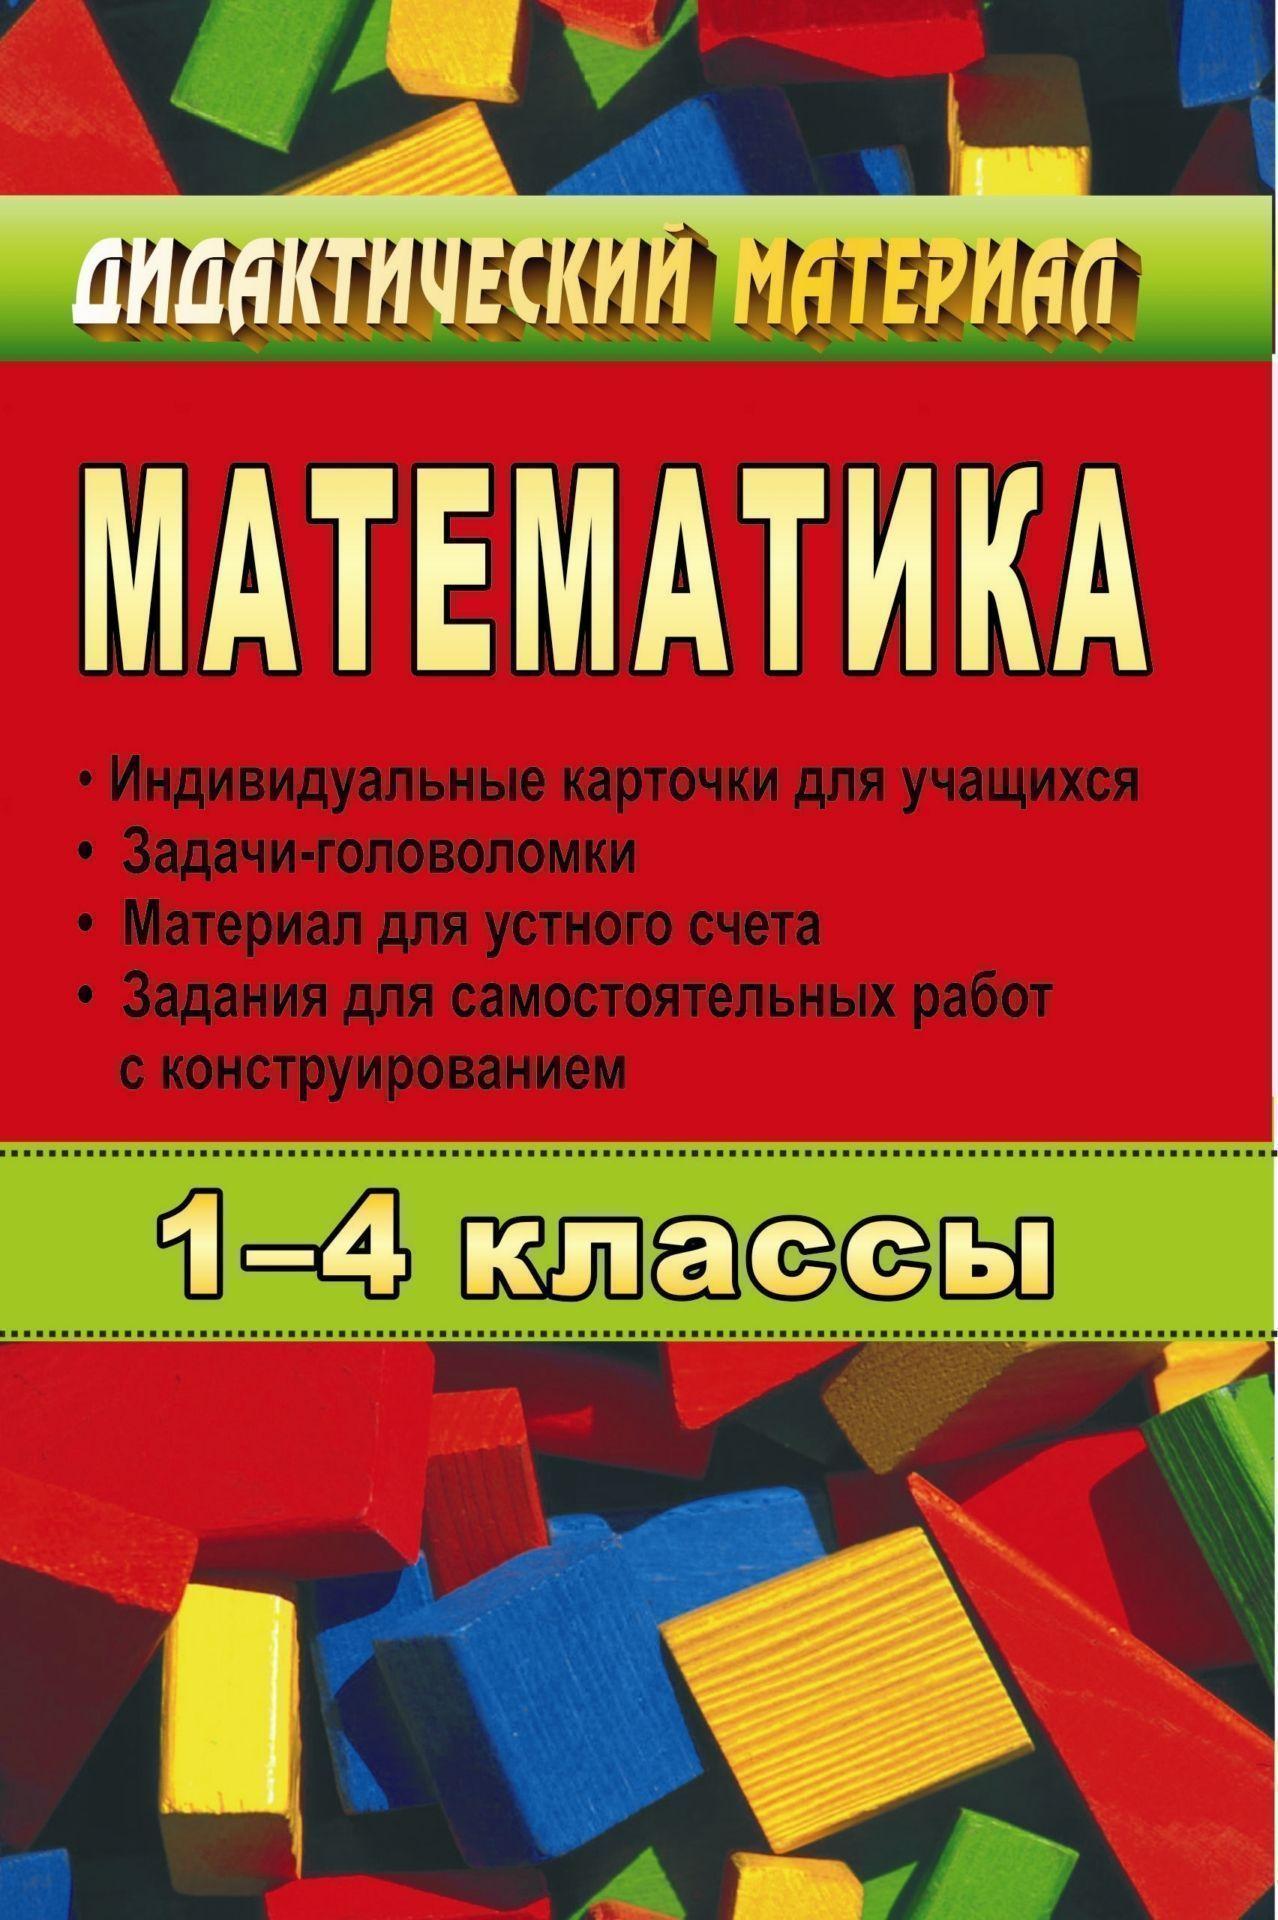 Математика. 1-4 кл. Карточки, задачи-головоломки, материал для устного счетаНачальная школа<br>Пособие содержит дидактический материал к урокам математики в 1-4 классах. Предлагаемые индивидуальные карточки для учащихся, задачи-головоломки, материал для устного счета, задания для самостоятельных работ с конструированием можно использовать как во вр...<br><br>Авторы: Дьячкова Г. Т.<br>Год: 2008<br>Серия: Дидактический материал<br>ISBN: 978-5-7057-1333-2<br>Высота: 213<br>Ширина: 138<br>Толщина: 12